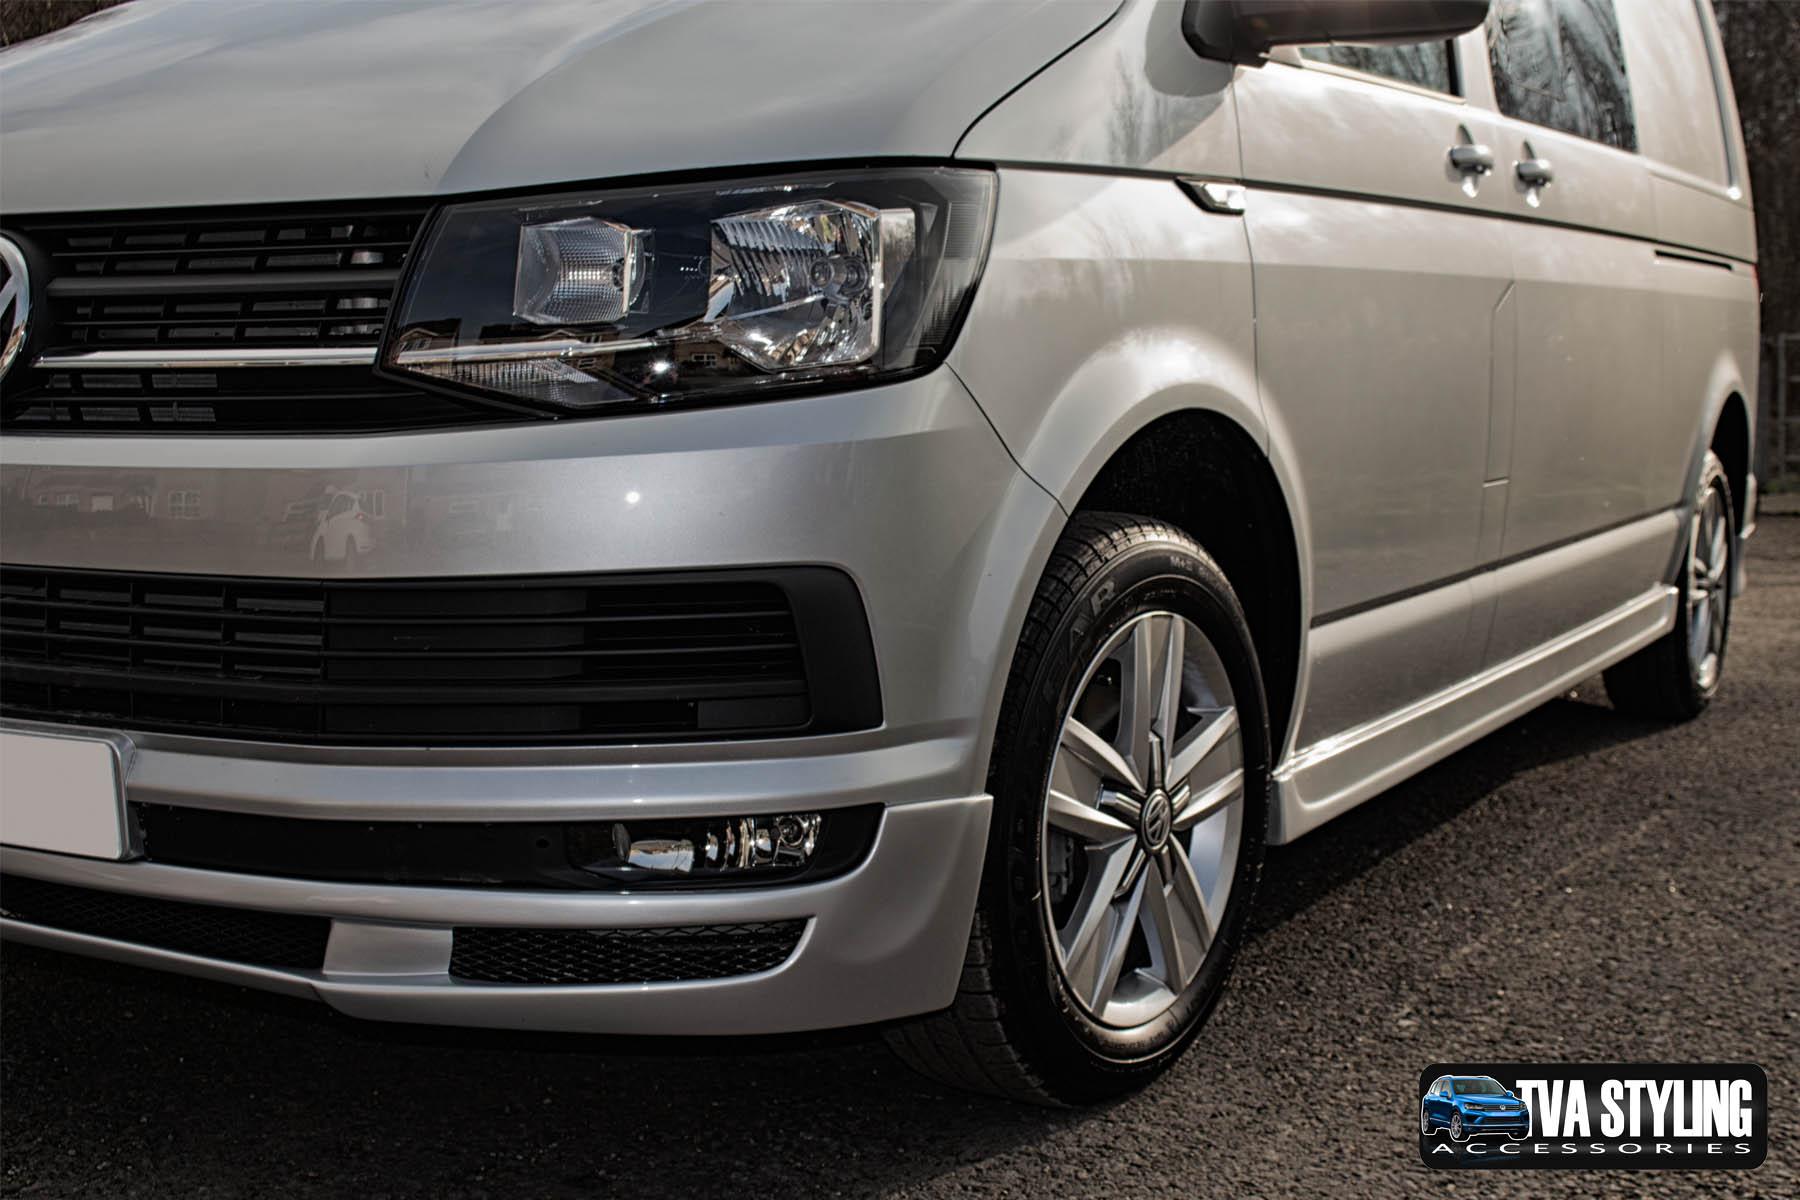 VW T6 Body Kit